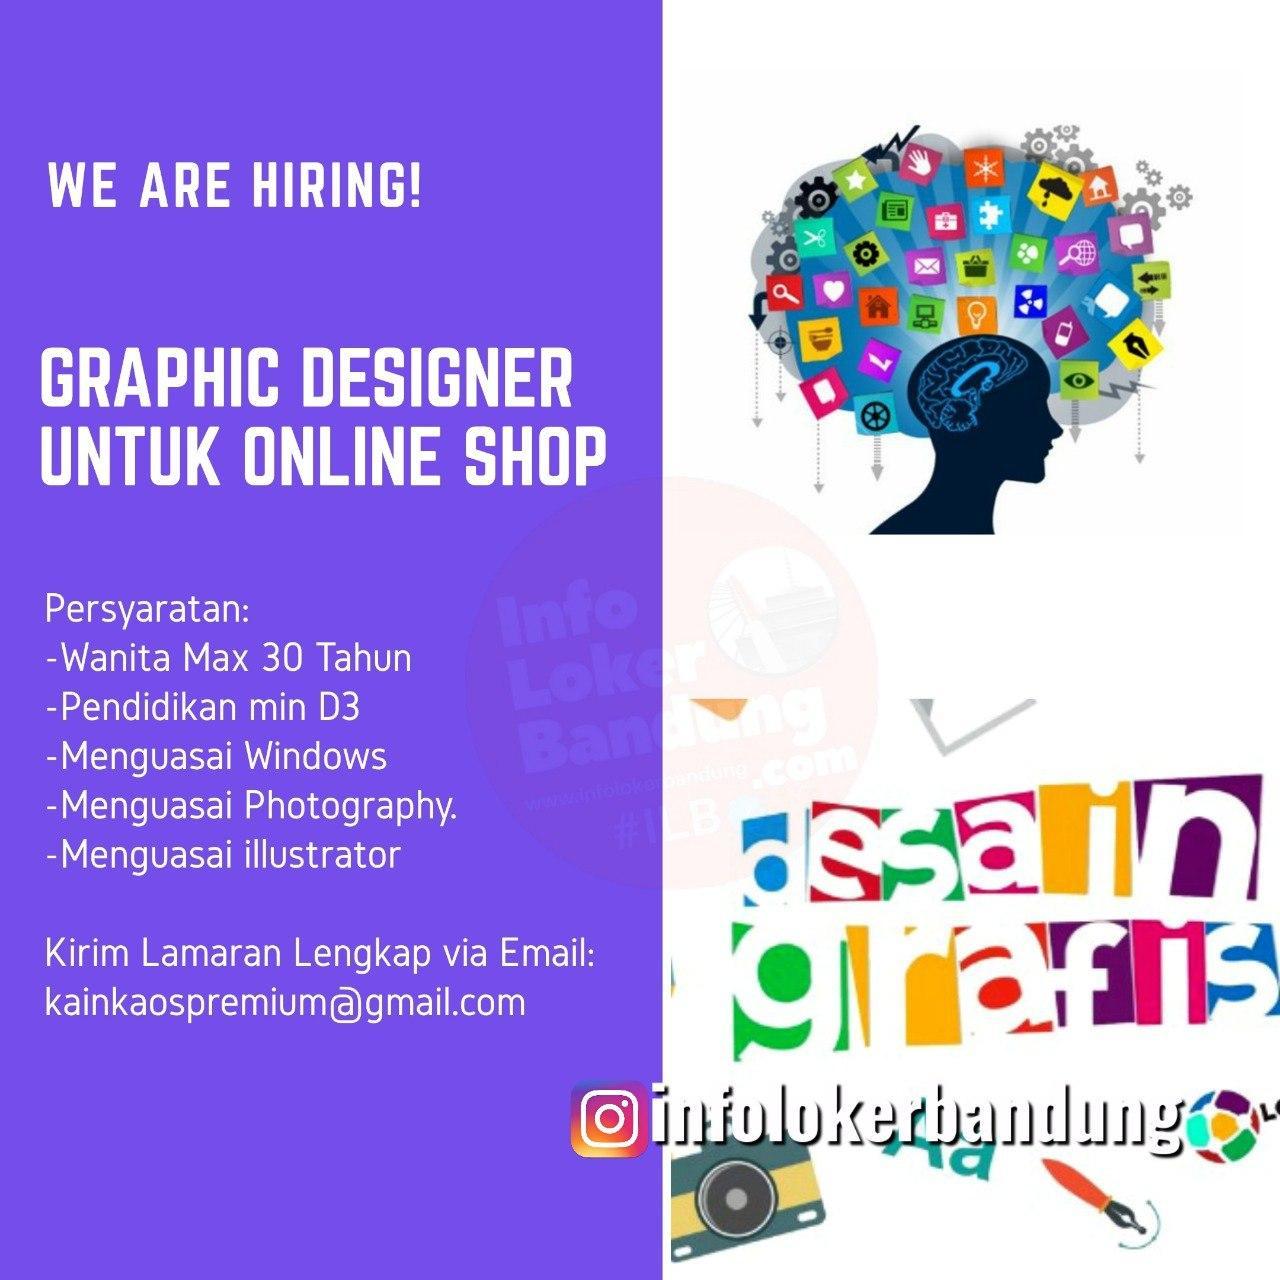 Lowongan Kerja Graphic Designer Untuk Online Shop Bandung Agustus 2020